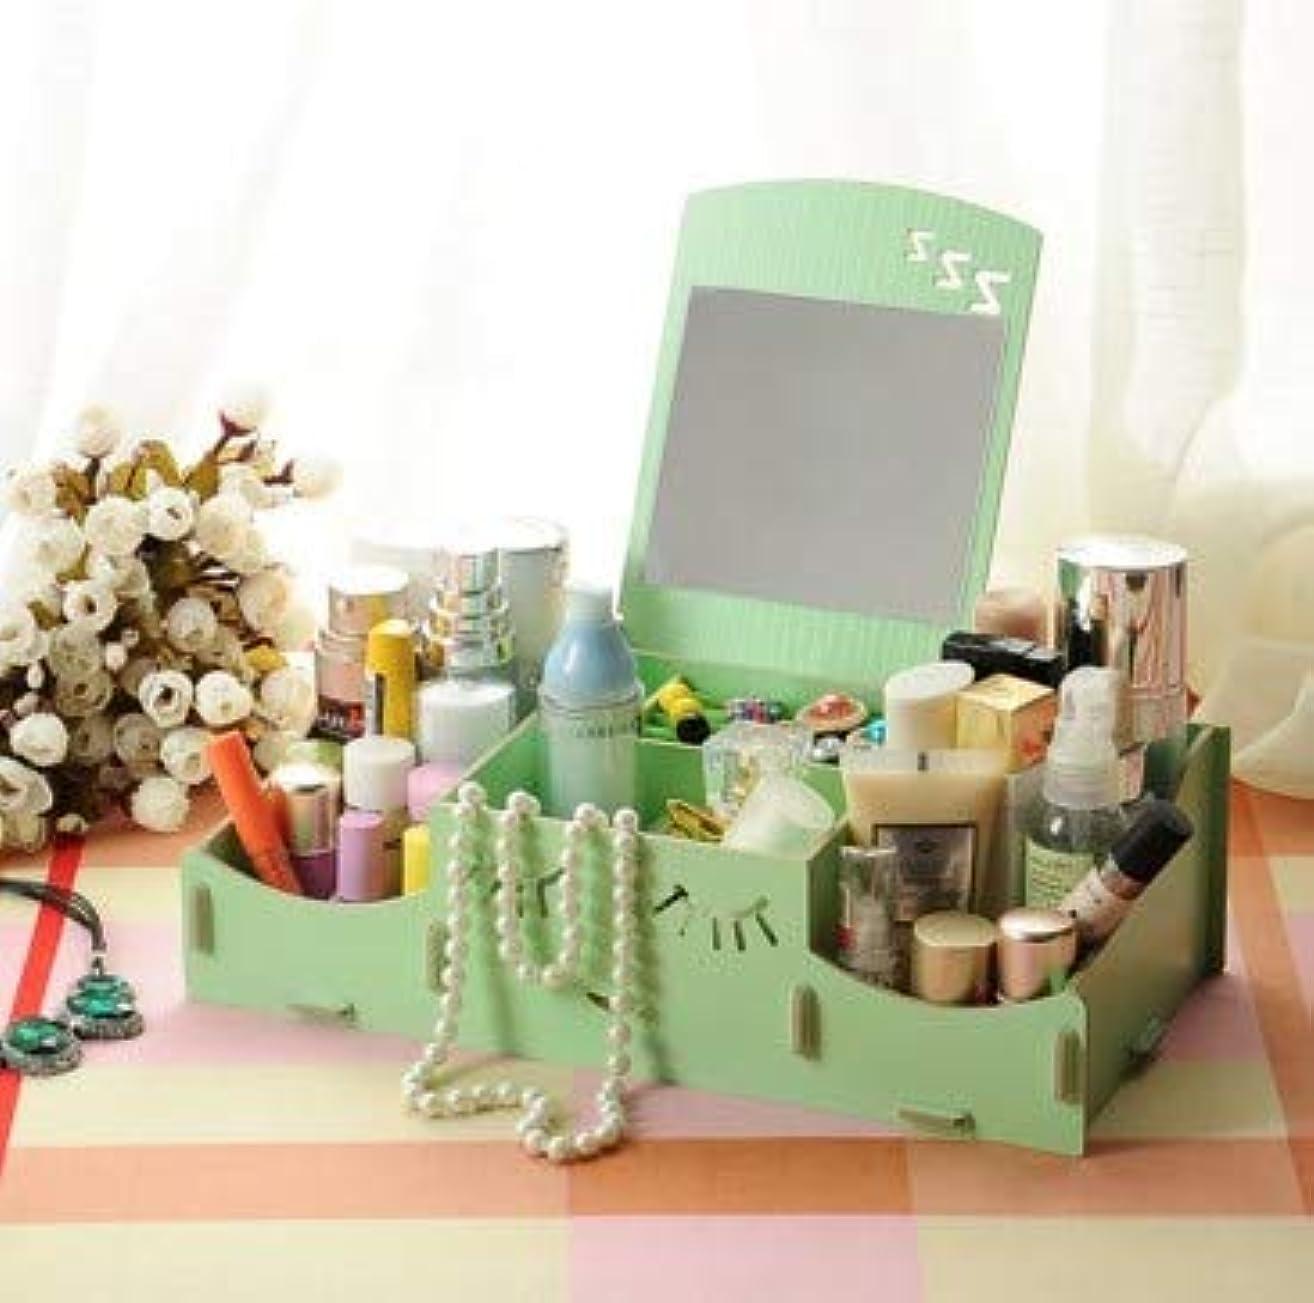 スモッグ正統派ロードハウススマイリー木製クリエイティブ収納ボックス手作りデスクトップミラー化粧品収納ボックス化粧品収納ボックス (Color : グリンー)